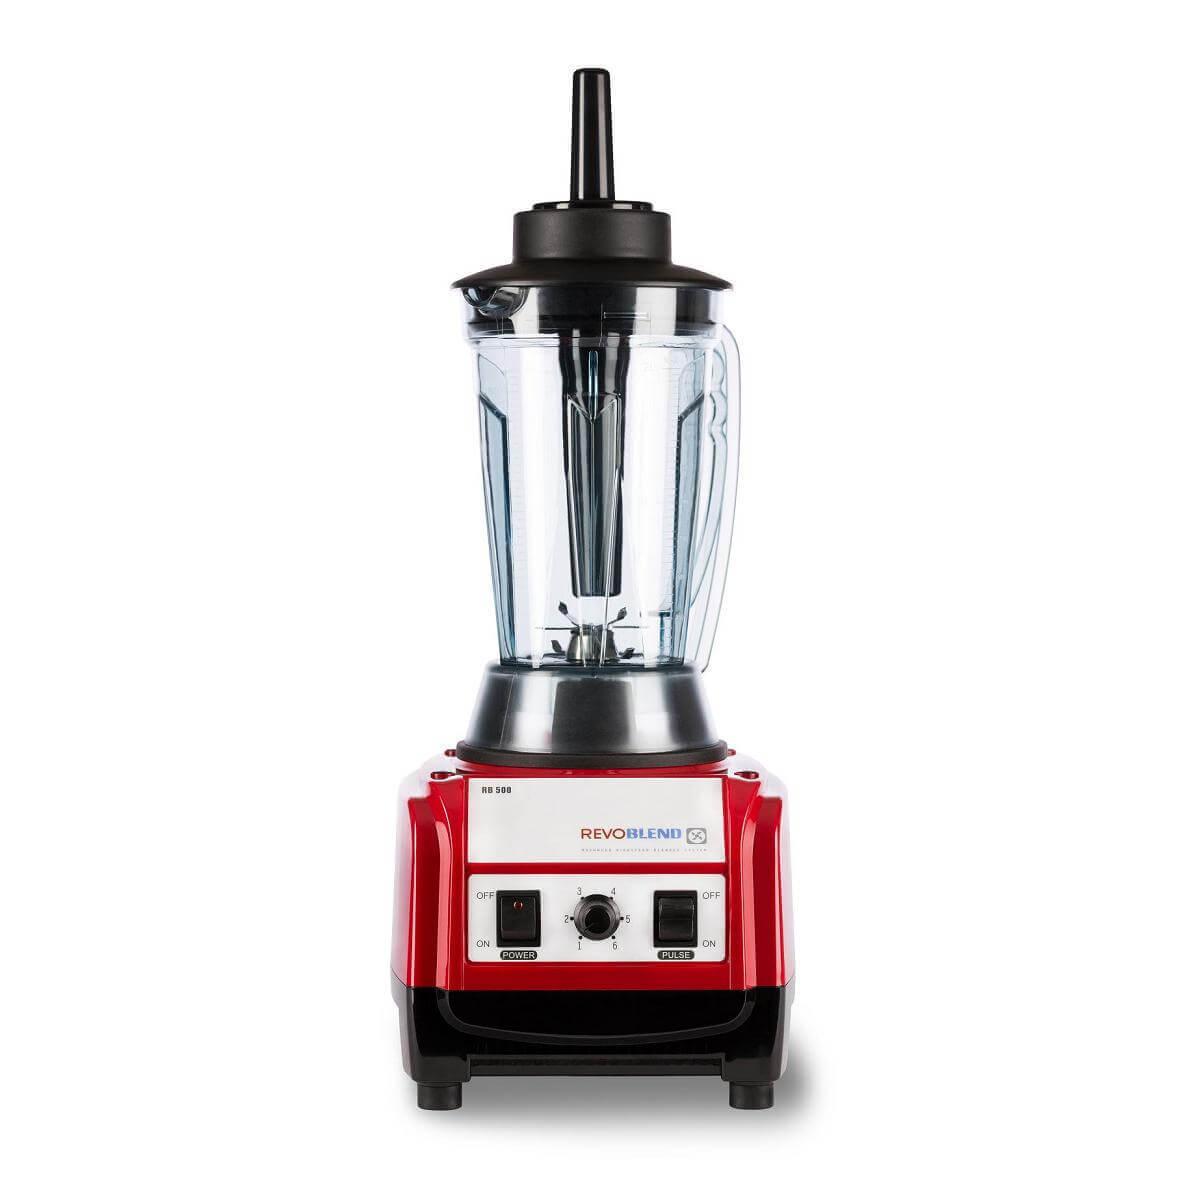 Revoblend RB 500 Test und Erfahrungen - Smoothie-Mixer.de